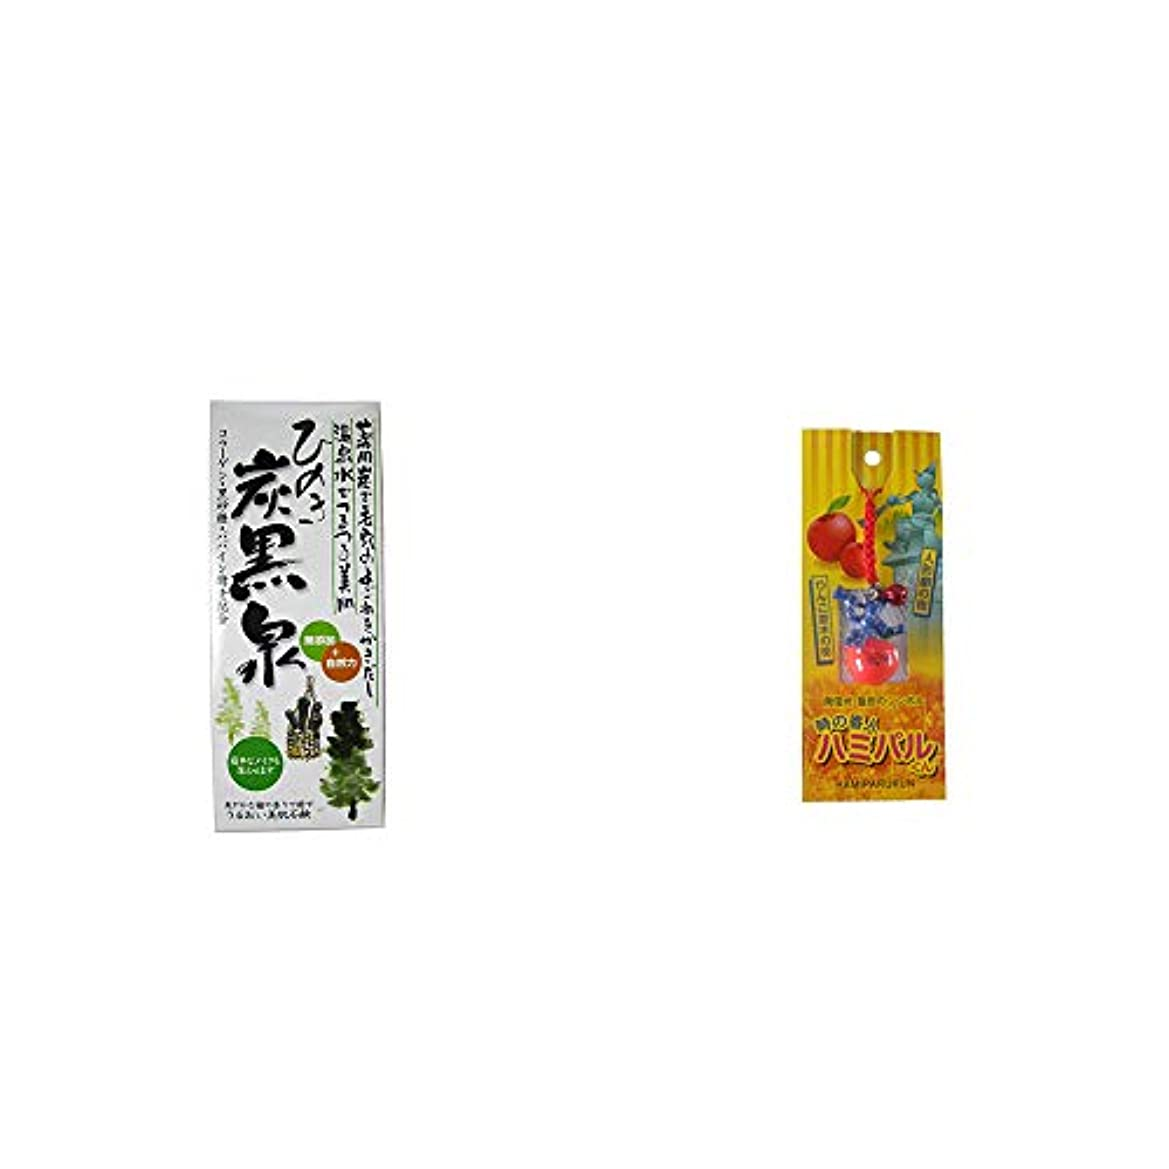 腐敗物理的な特異な[2点セット] ひのき炭黒泉 箱入り(75g×3)?信州?飯田のシンボル 時の番人ハミパルくんストラップ